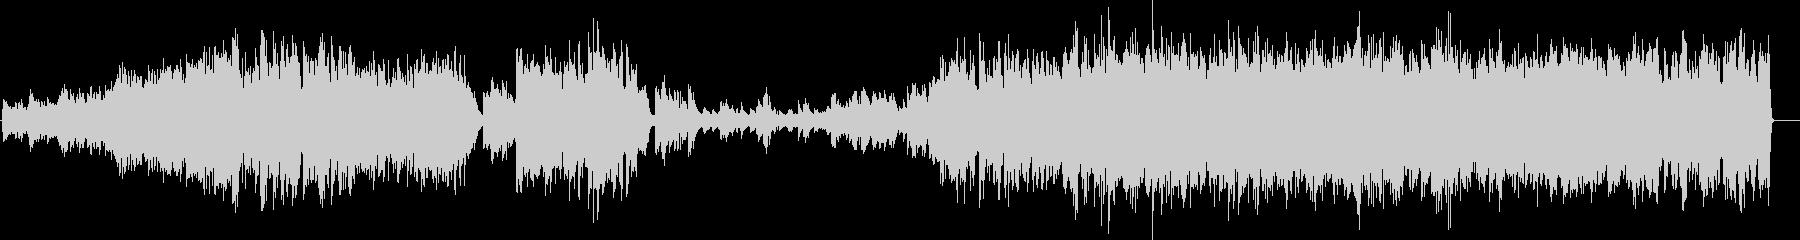 情熱的なピアノトリオ(ジャズ)の未再生の波形